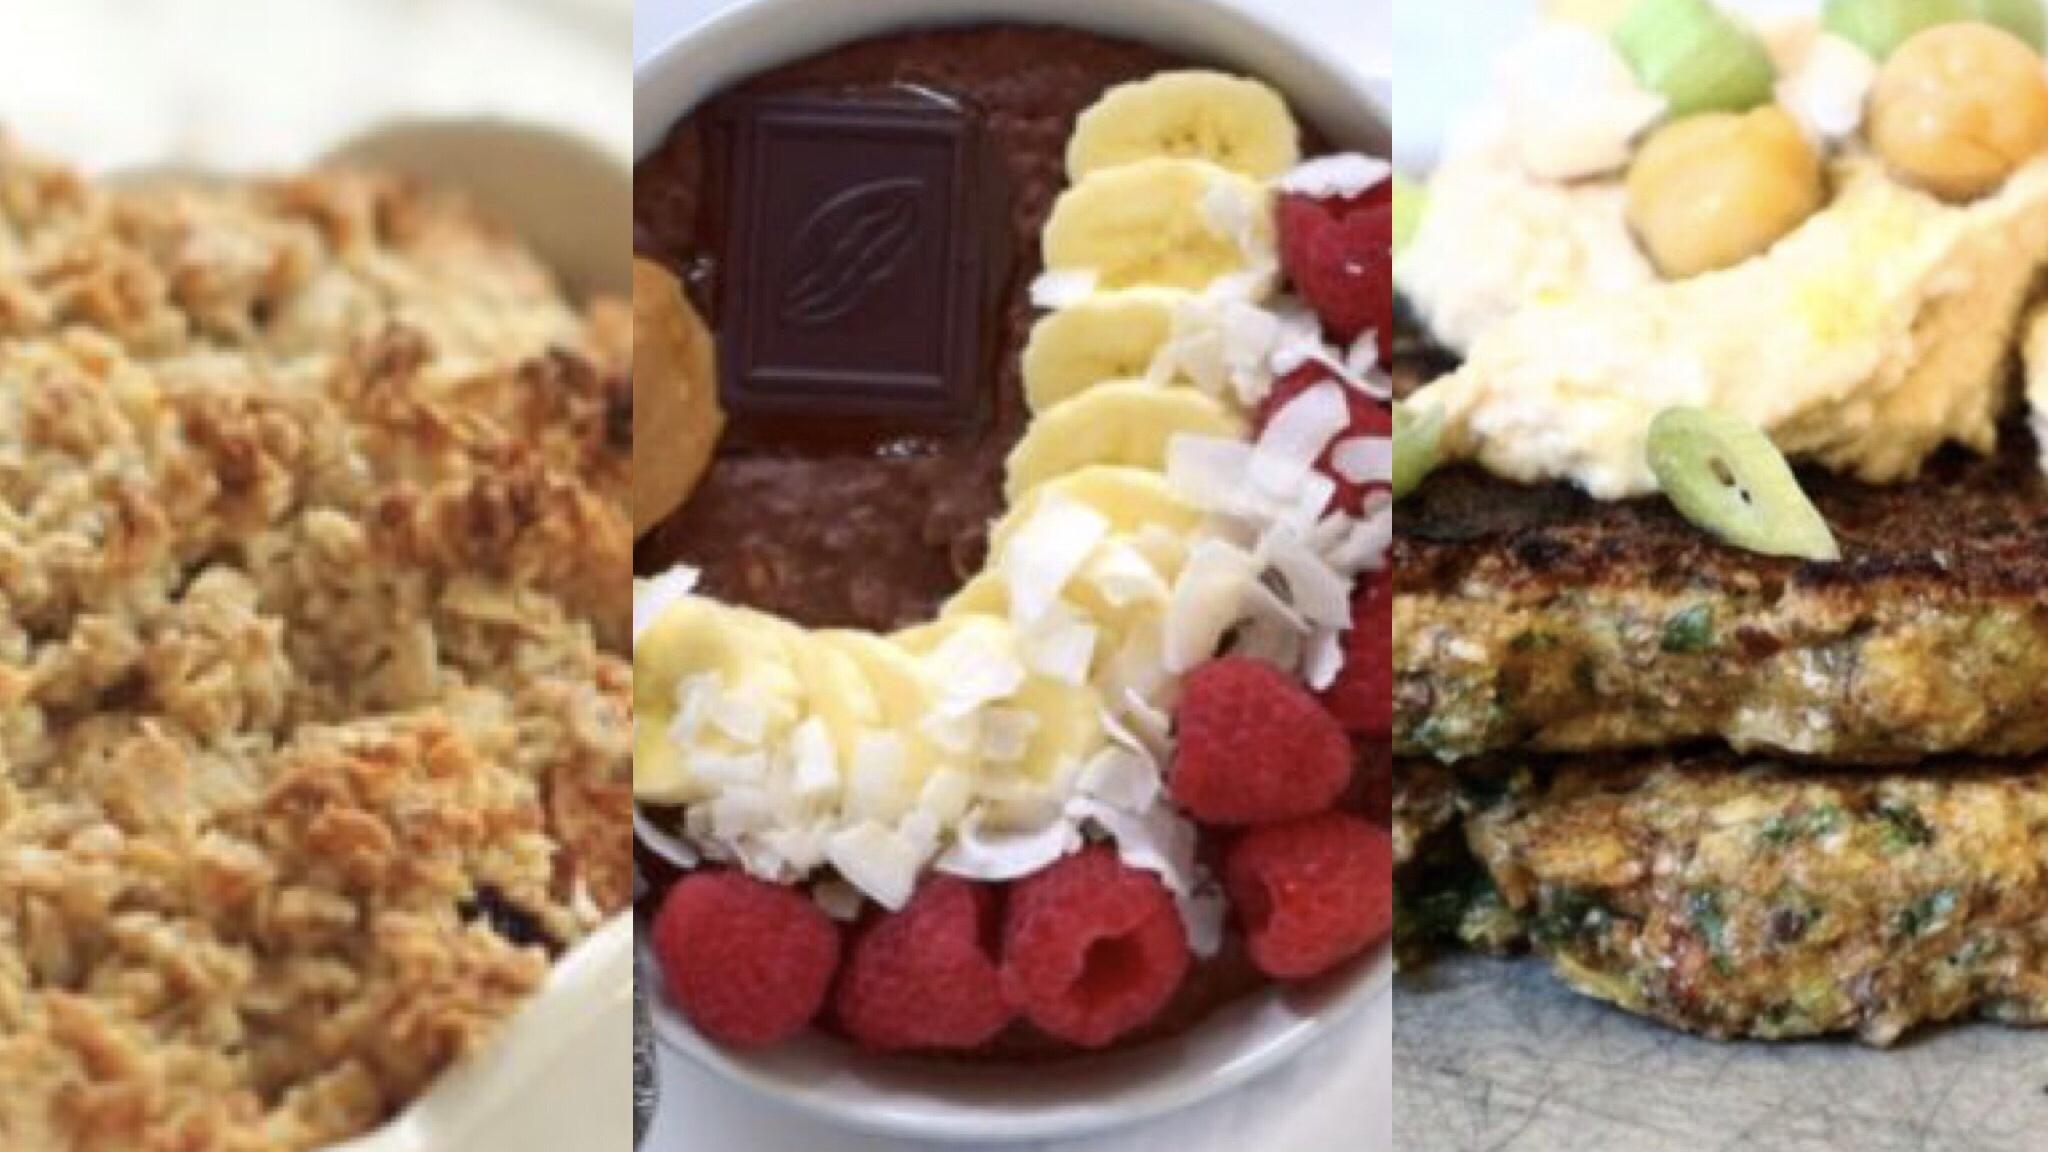 gezond ontbijt, eiwitrijk ontbijt, recept ontbijt